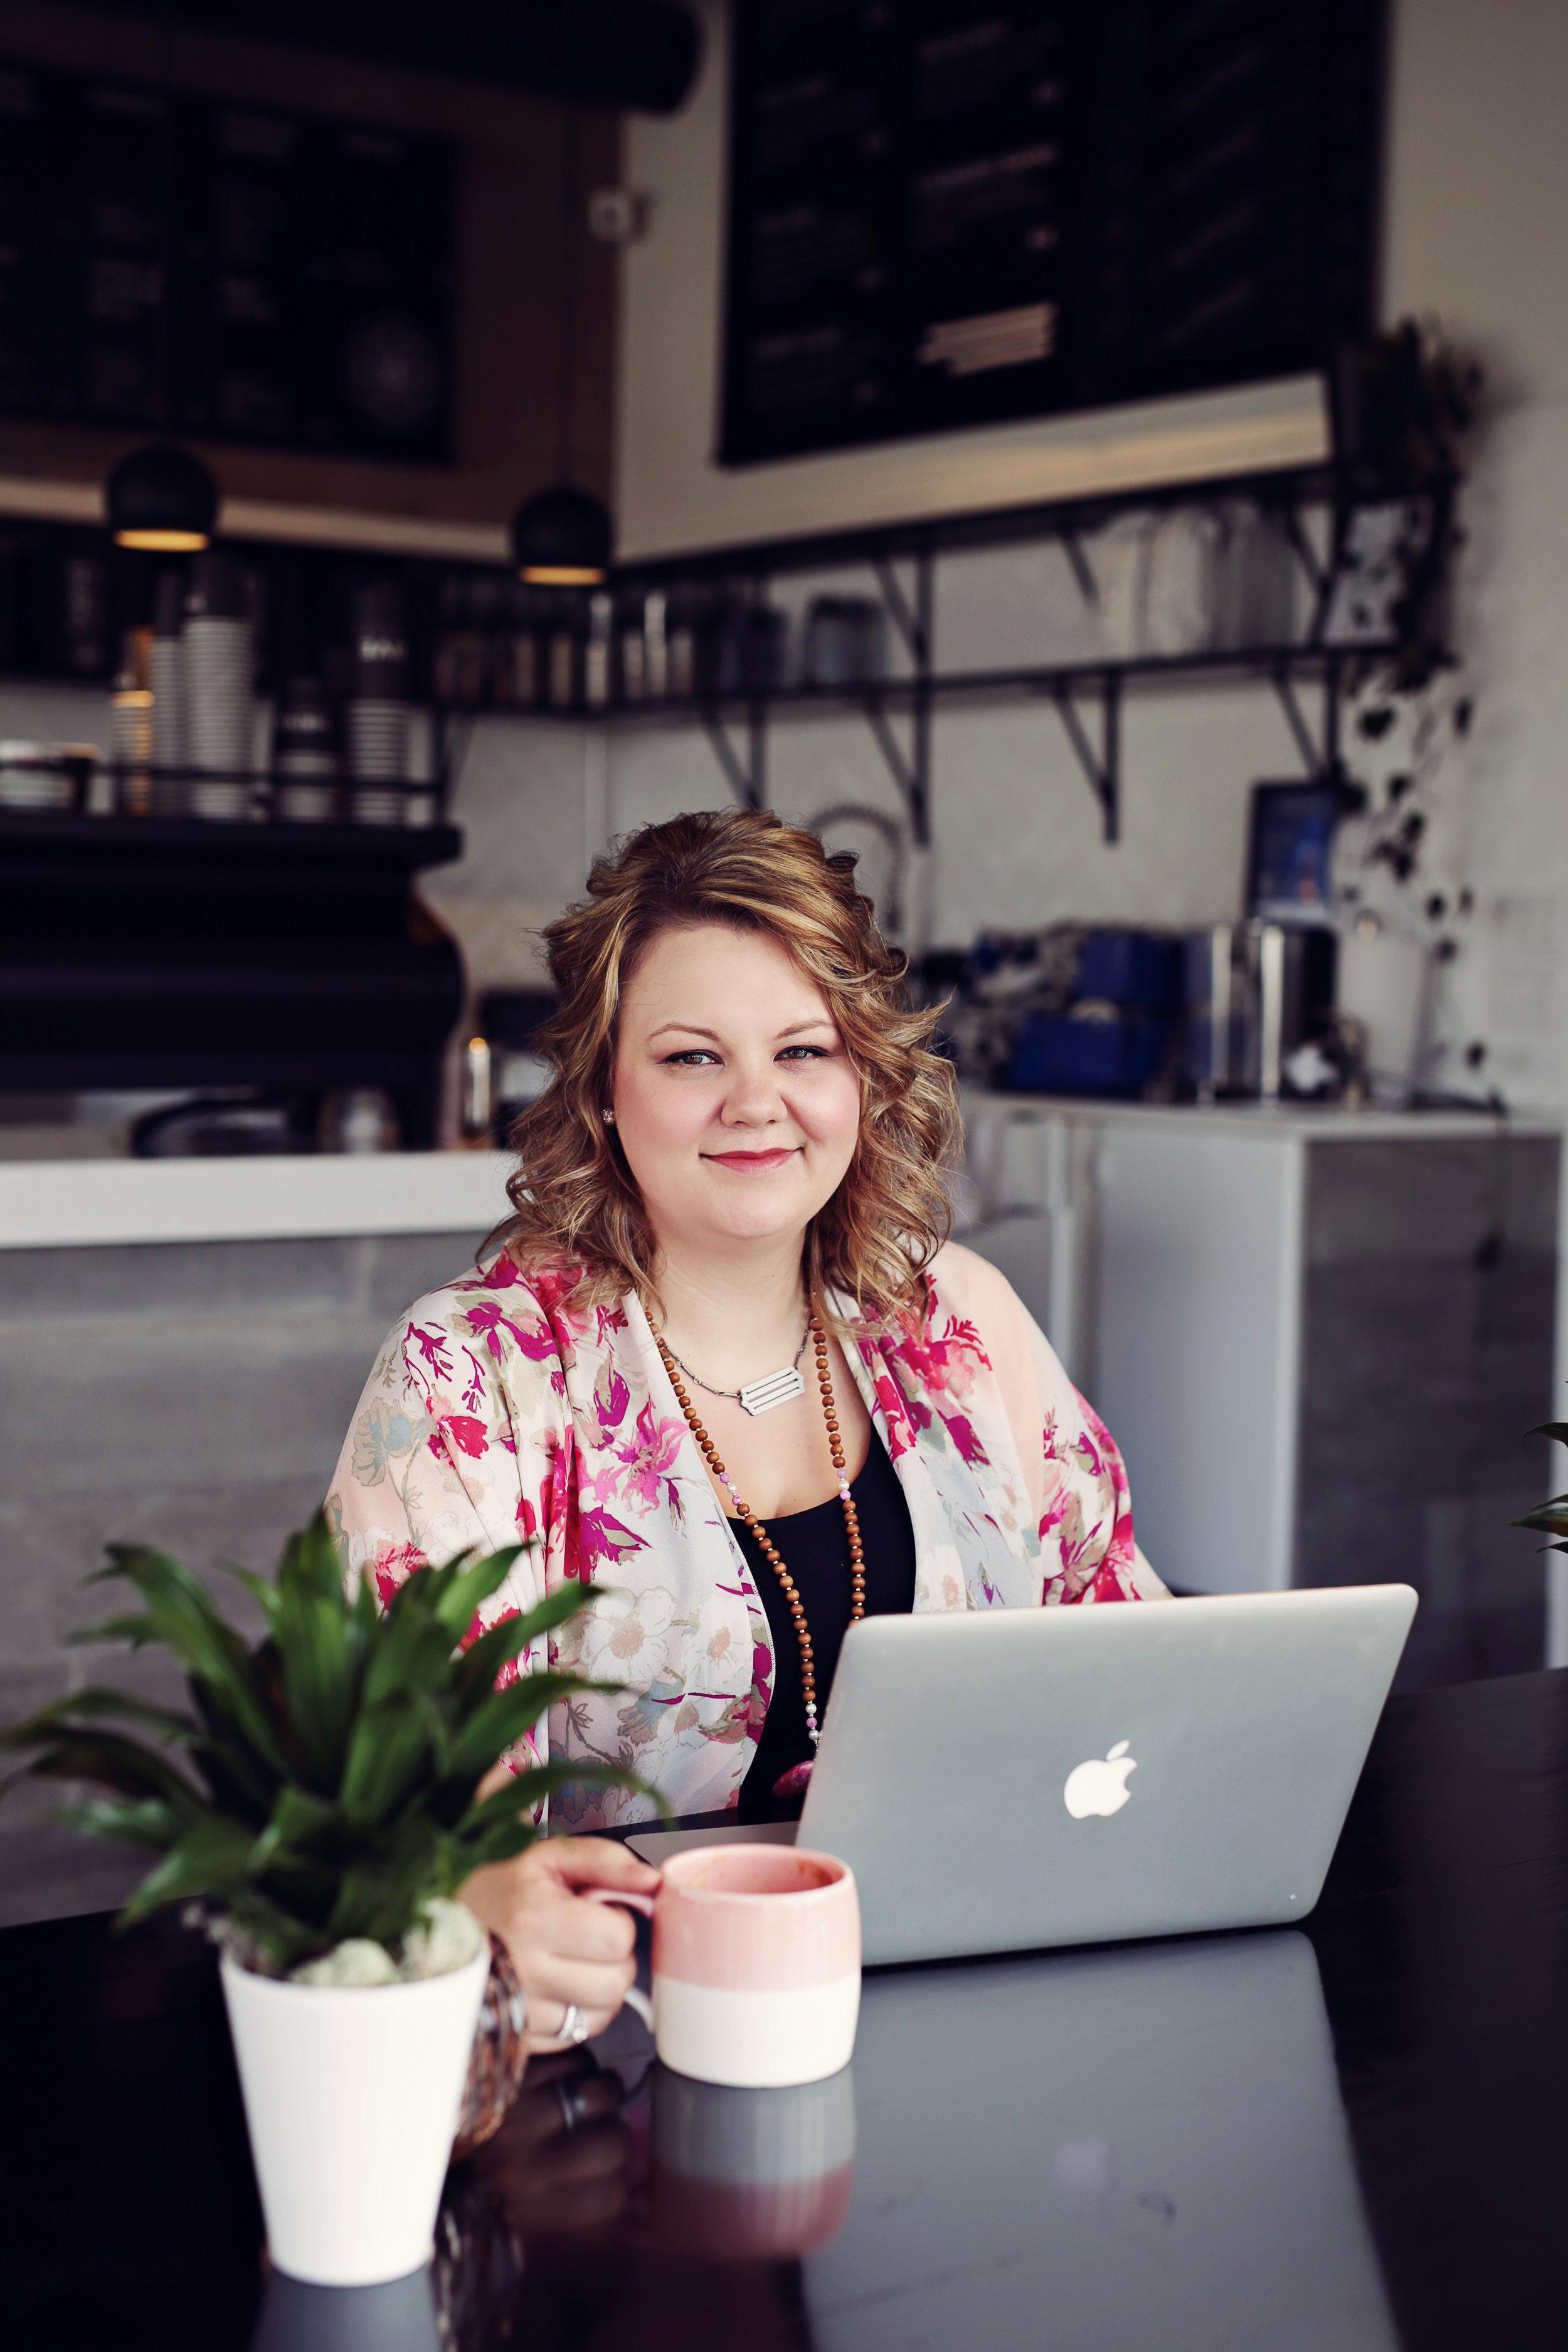 Meet Elsa Borsa - Joy Advocate and Life Coach